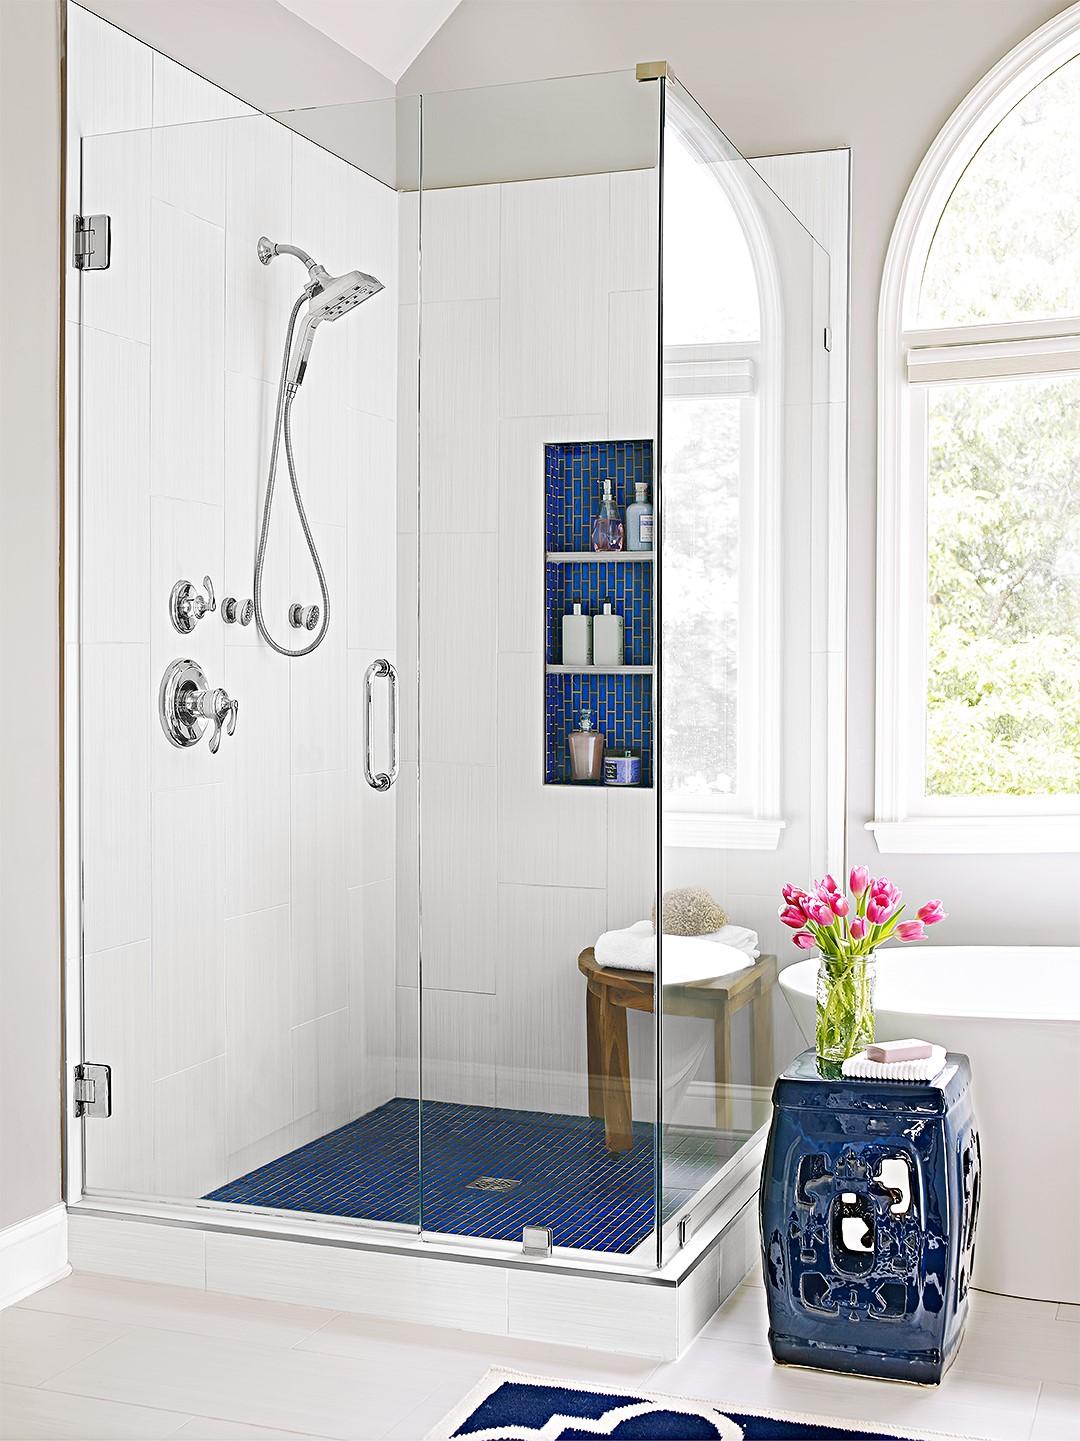 Choisissez à installer une douchette dans la salle de bains.